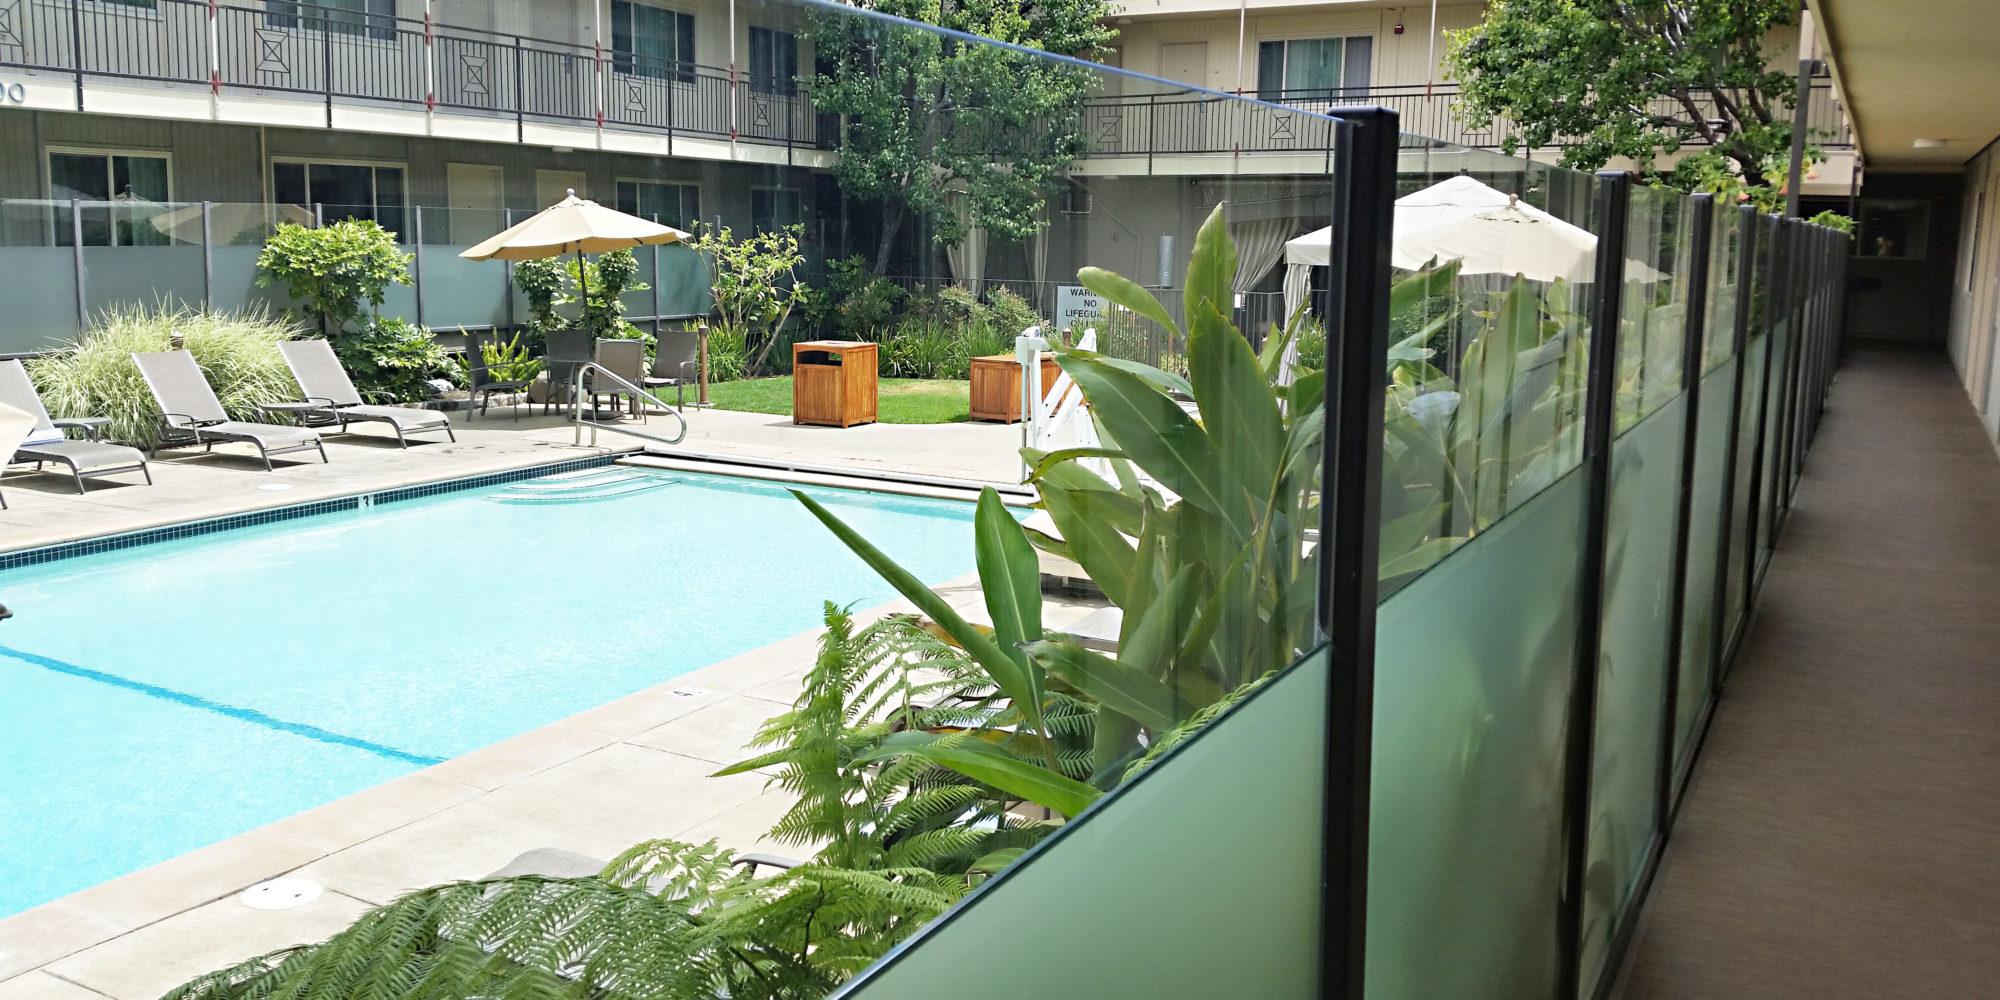 Glass Guard Rail at Pool